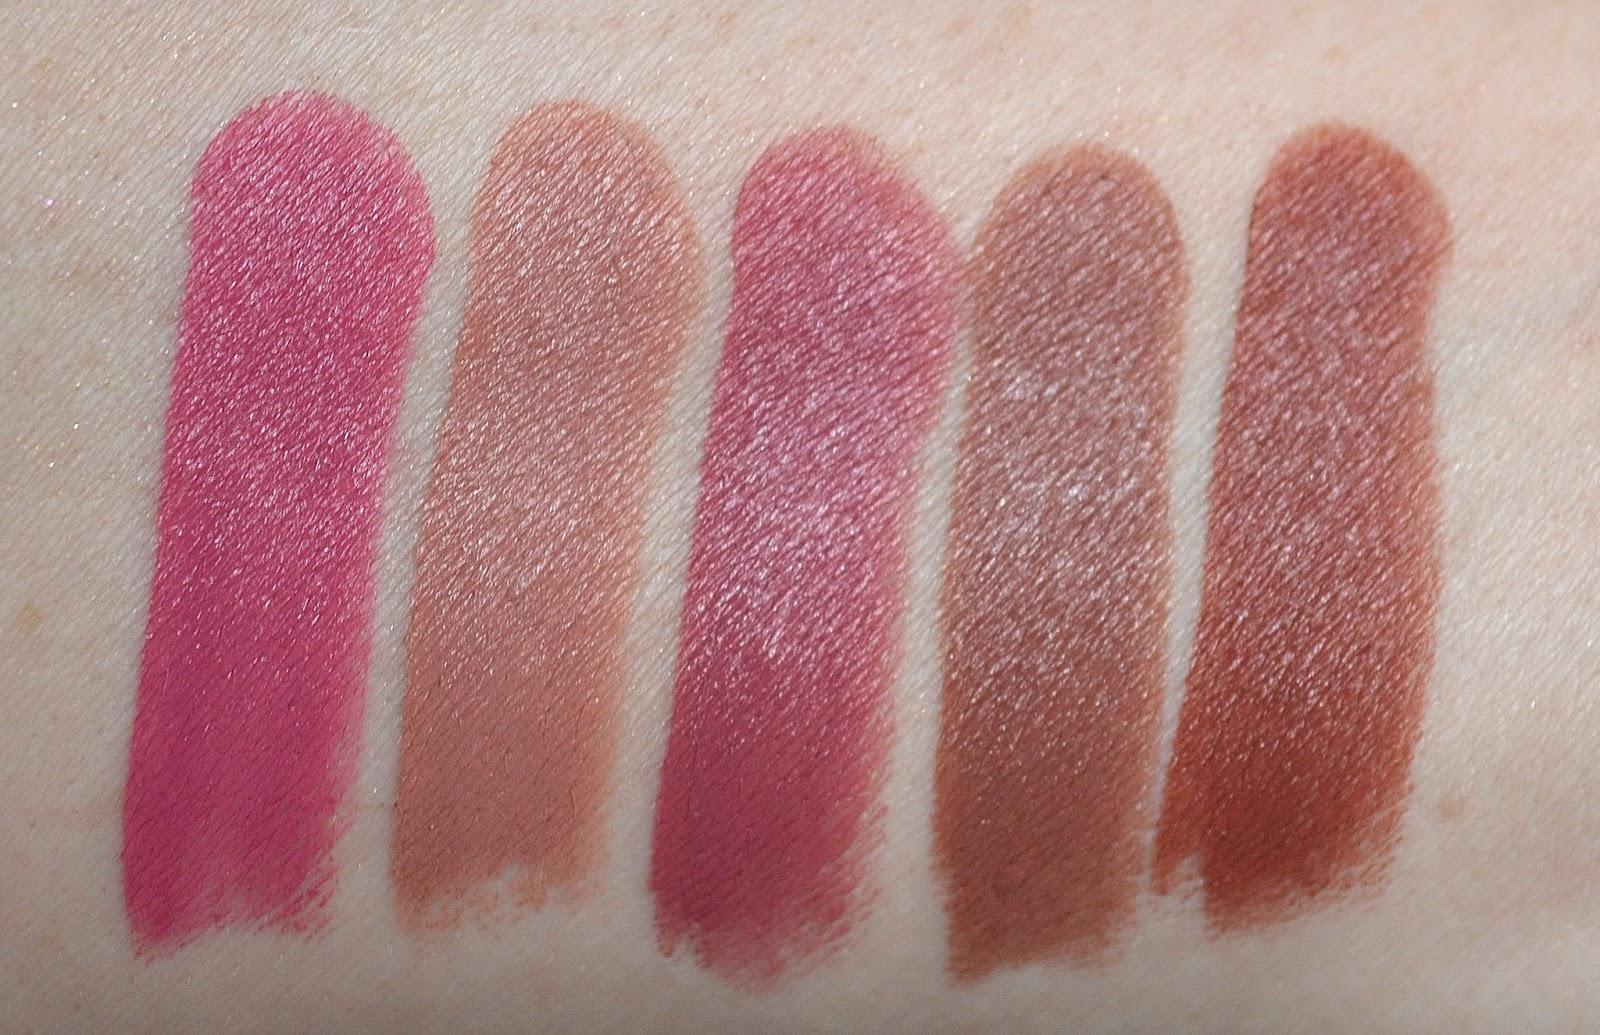 Crème Lux Lipstick by Colourpop #21